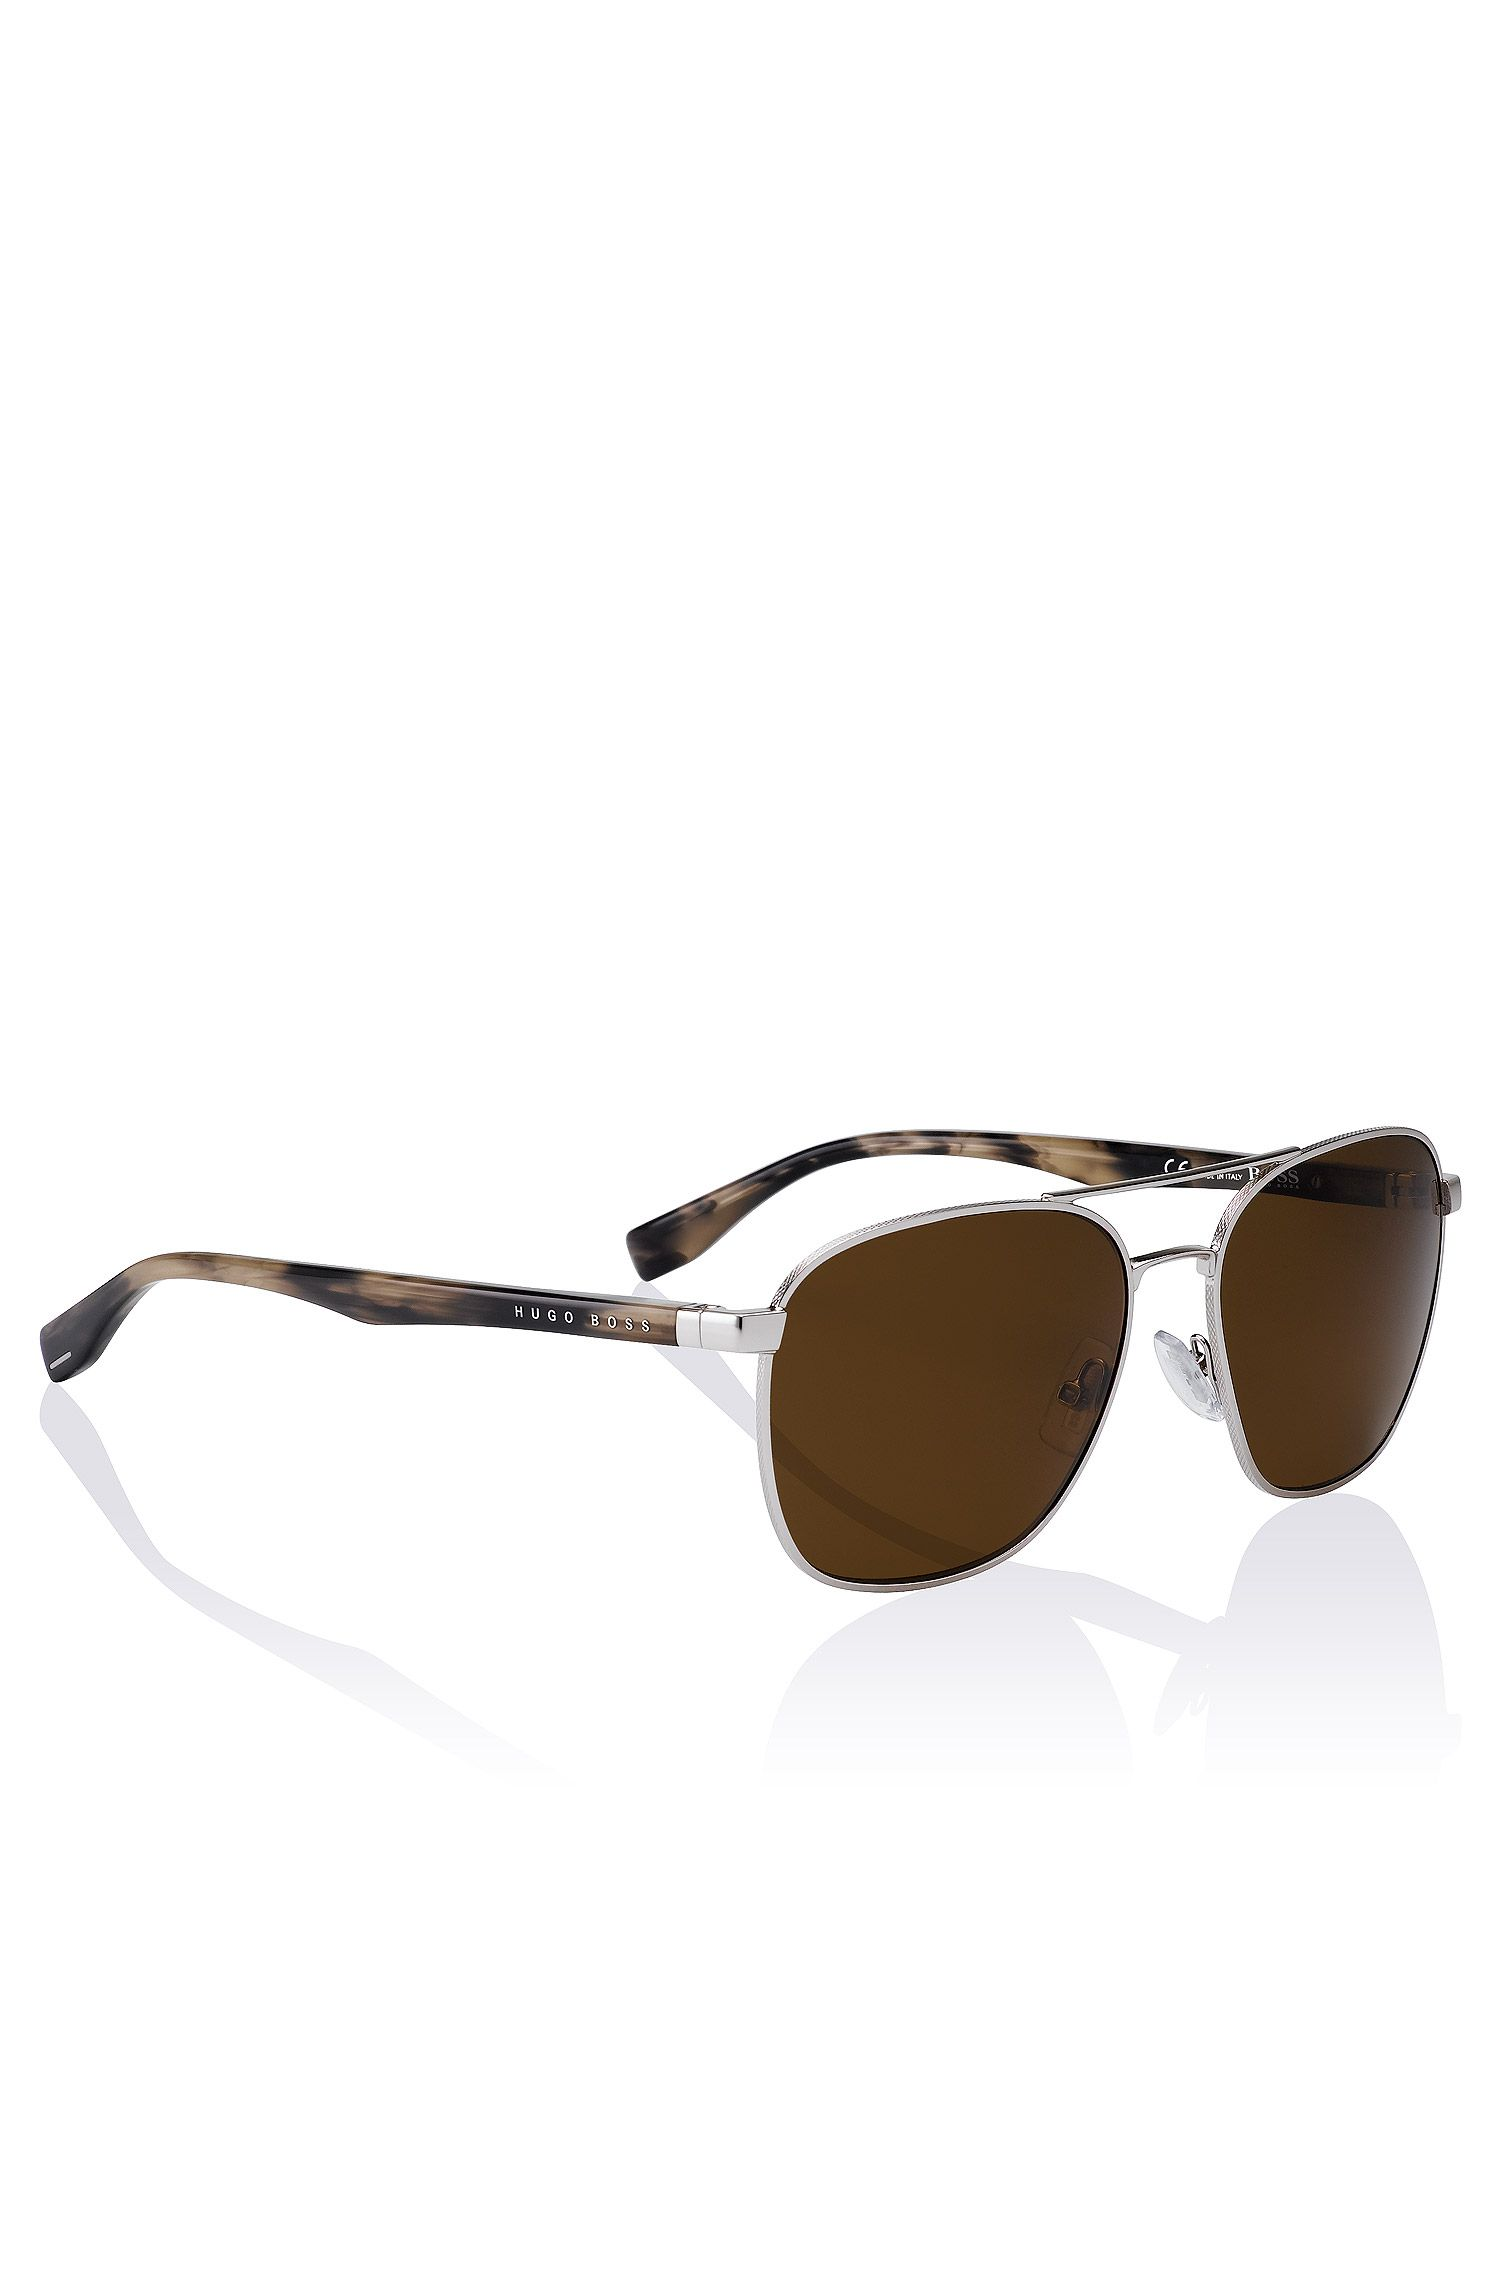 Aviator sunglasses 'BOSS 0701/S'